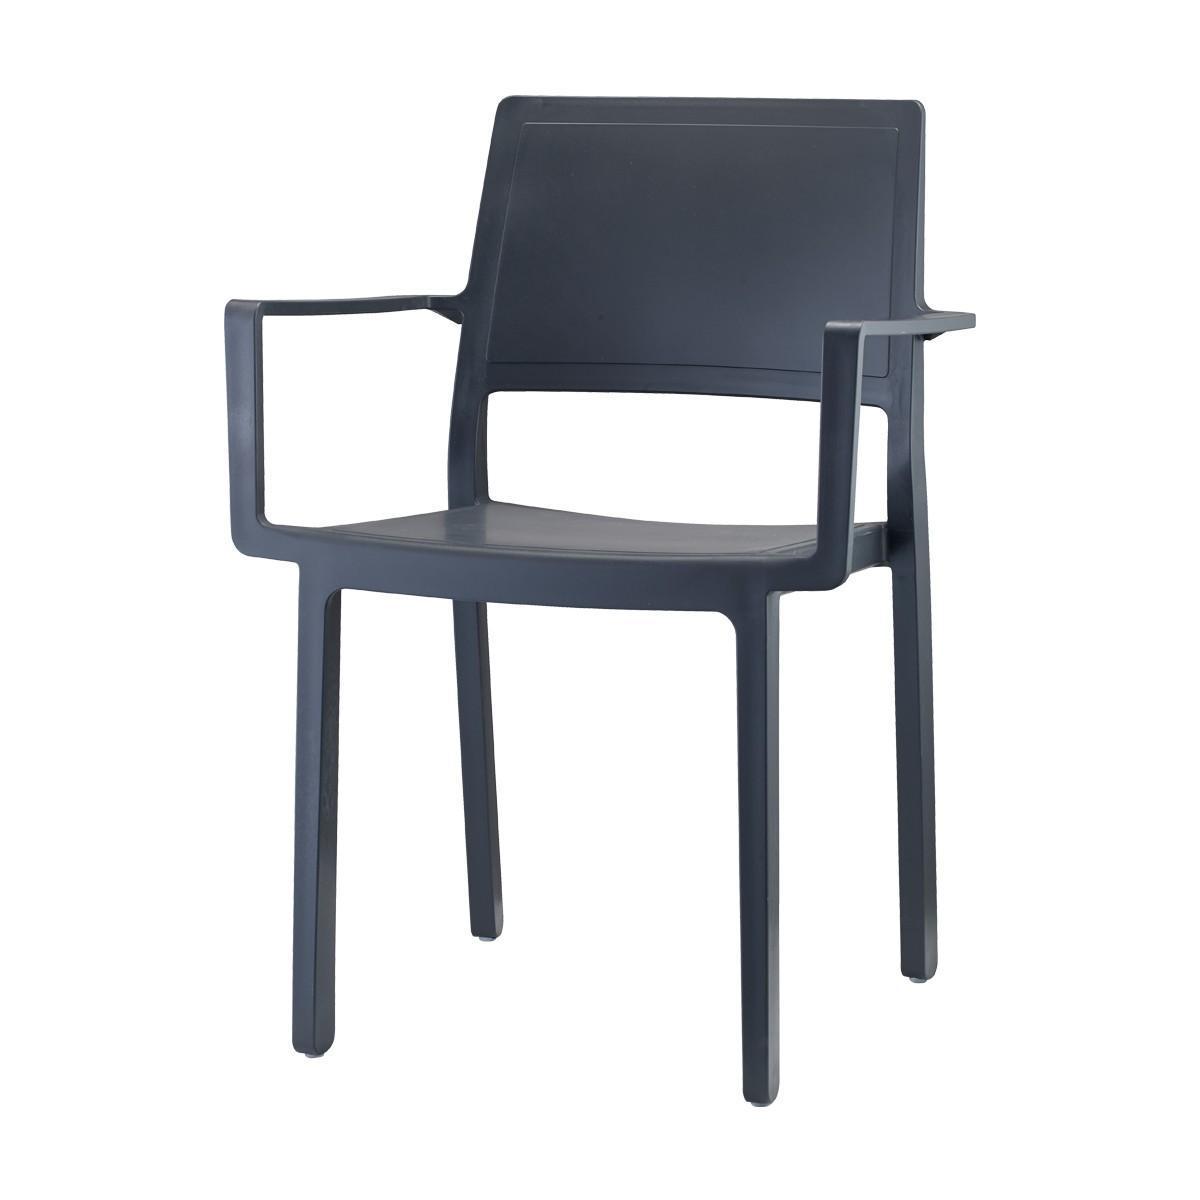 Кресло пластиковое Kate with armrests